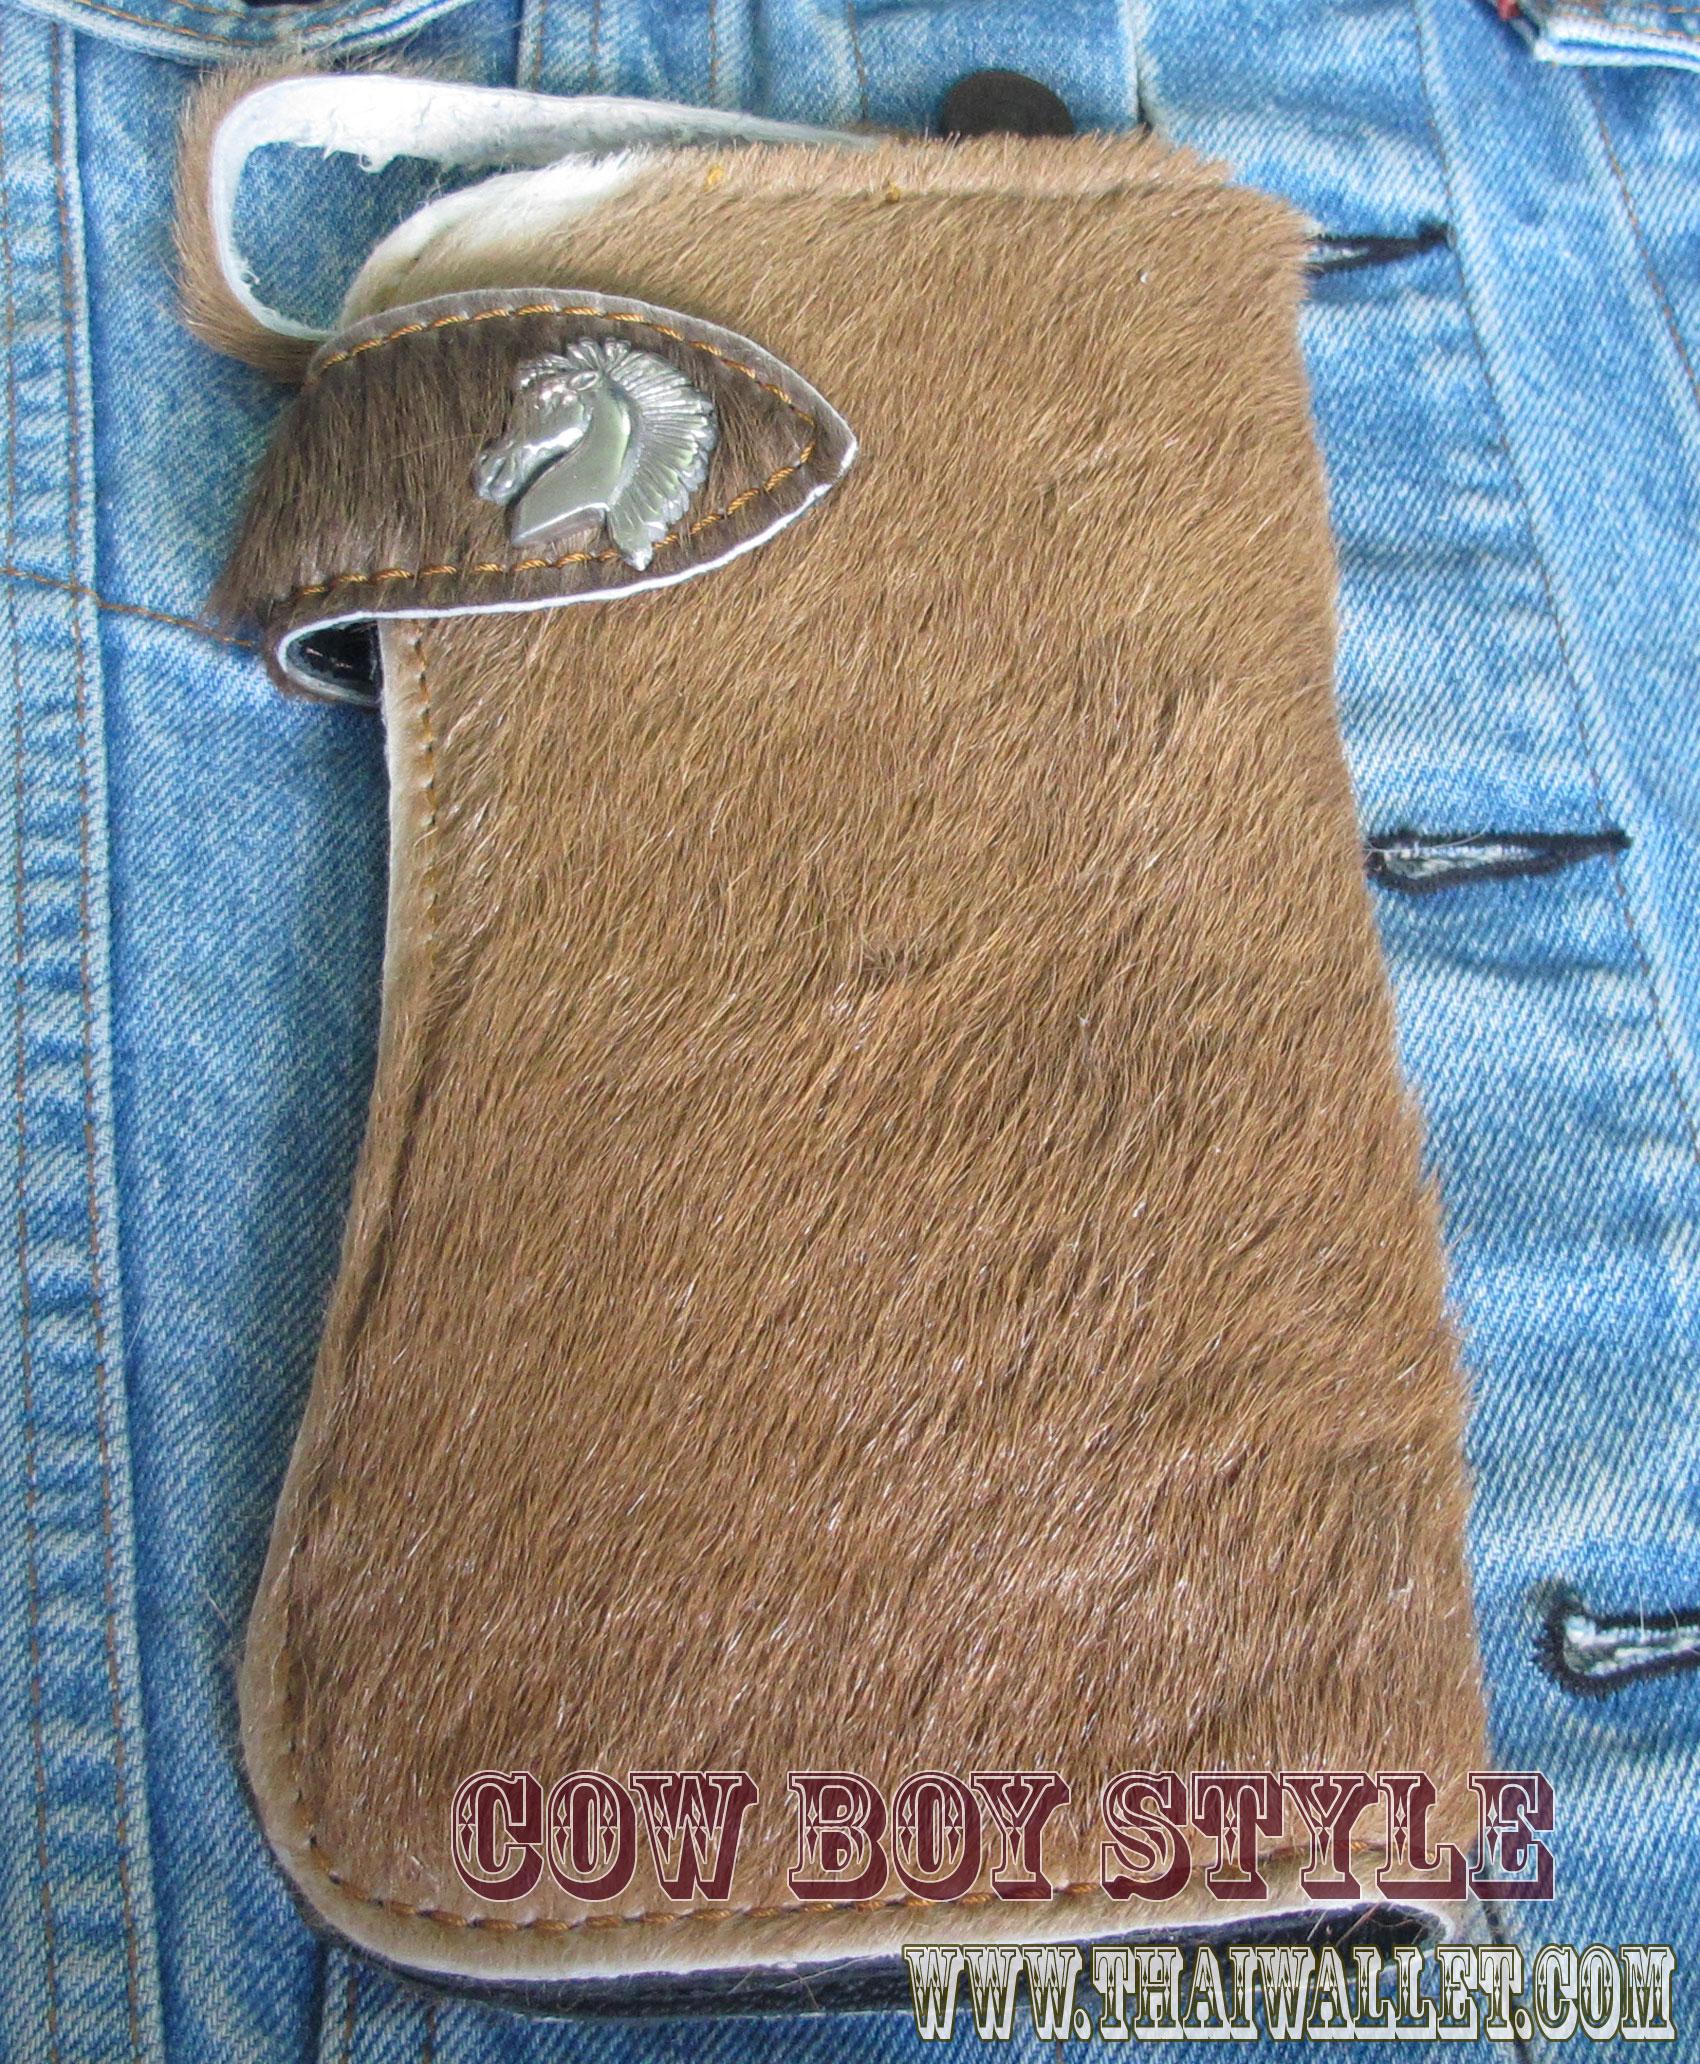 กระเป๋าสตางค์ยาว ขนวัวแท้ Style Cowboy รุ่น กระดุ่ม นิกเกอล รูปหัวม้า